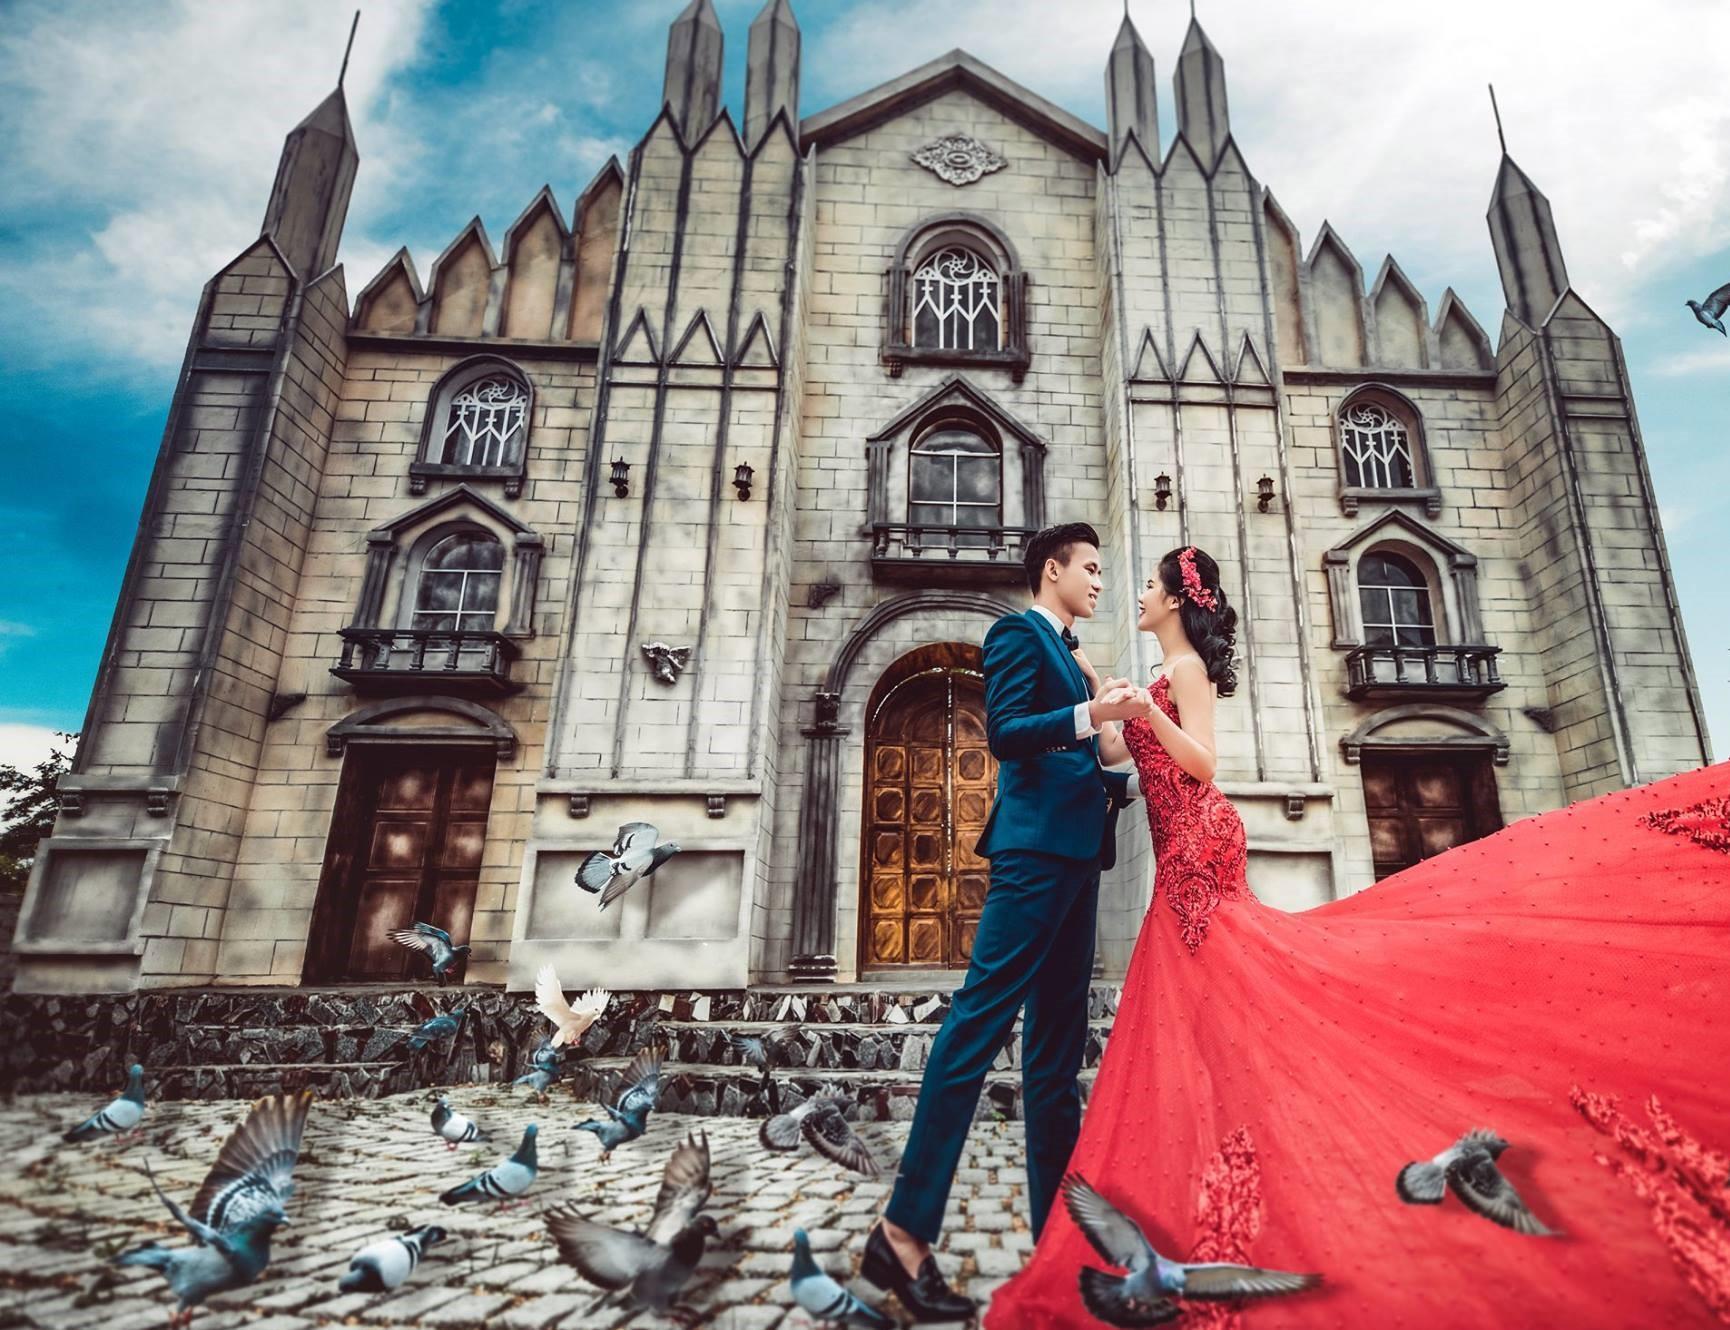 Hé lộ ảnh cưới đẹp lung linh của trung vệ Quế Ngọc Hải và bạn gái hoa khôi-4